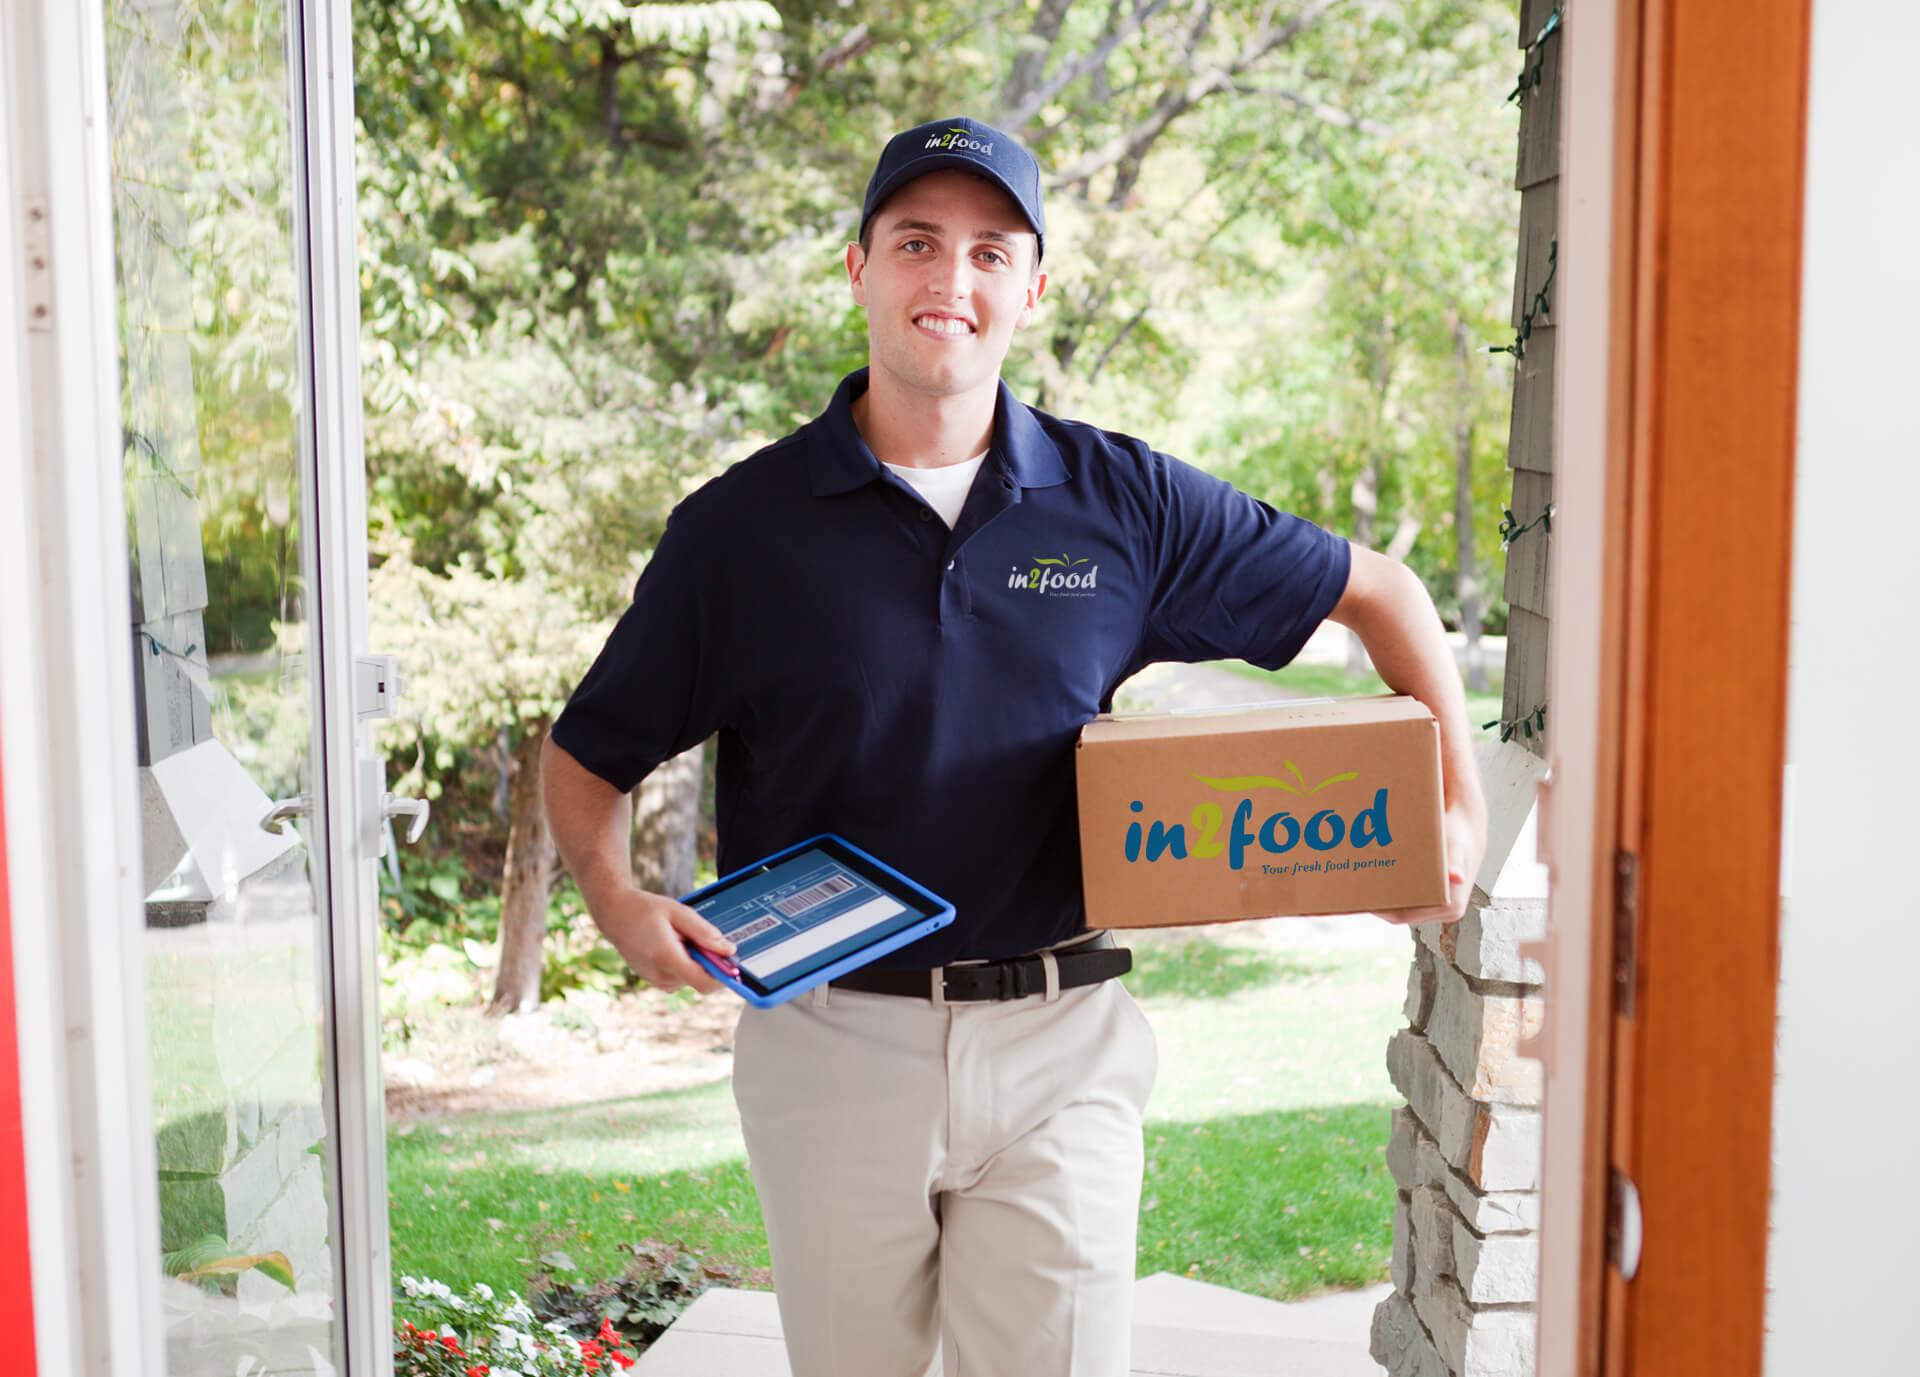 In2food deliver man